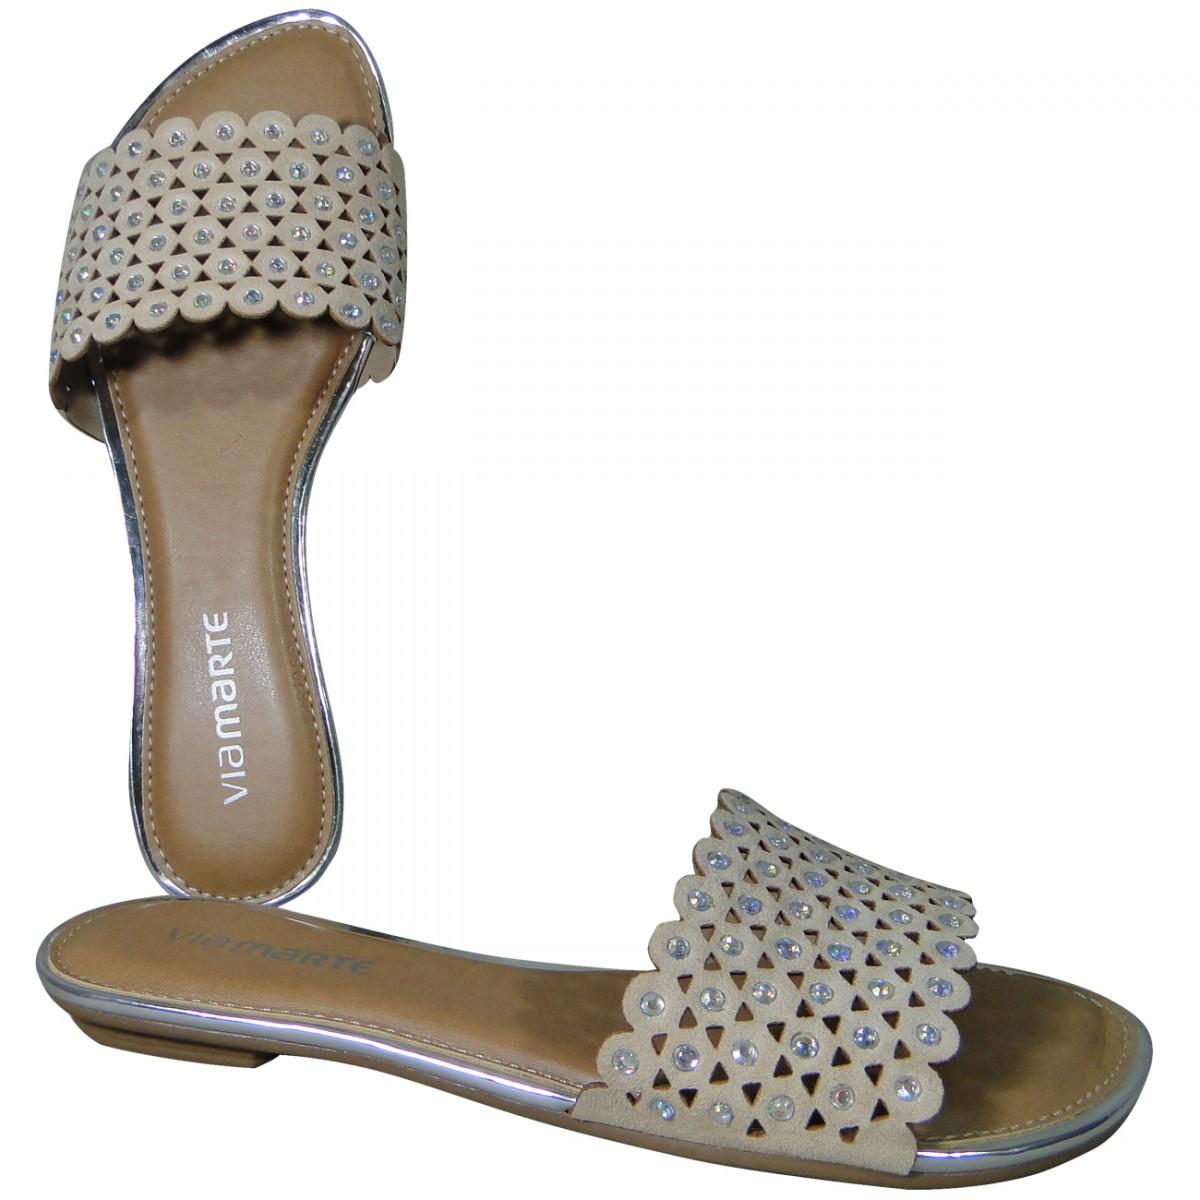 a2b2e6027 Chinelo Via Marte 16-18702 16-18702 - Pele/Prata - Chuteira Nike, Adidas.  Sandalias Femininas. Sandy Calçados